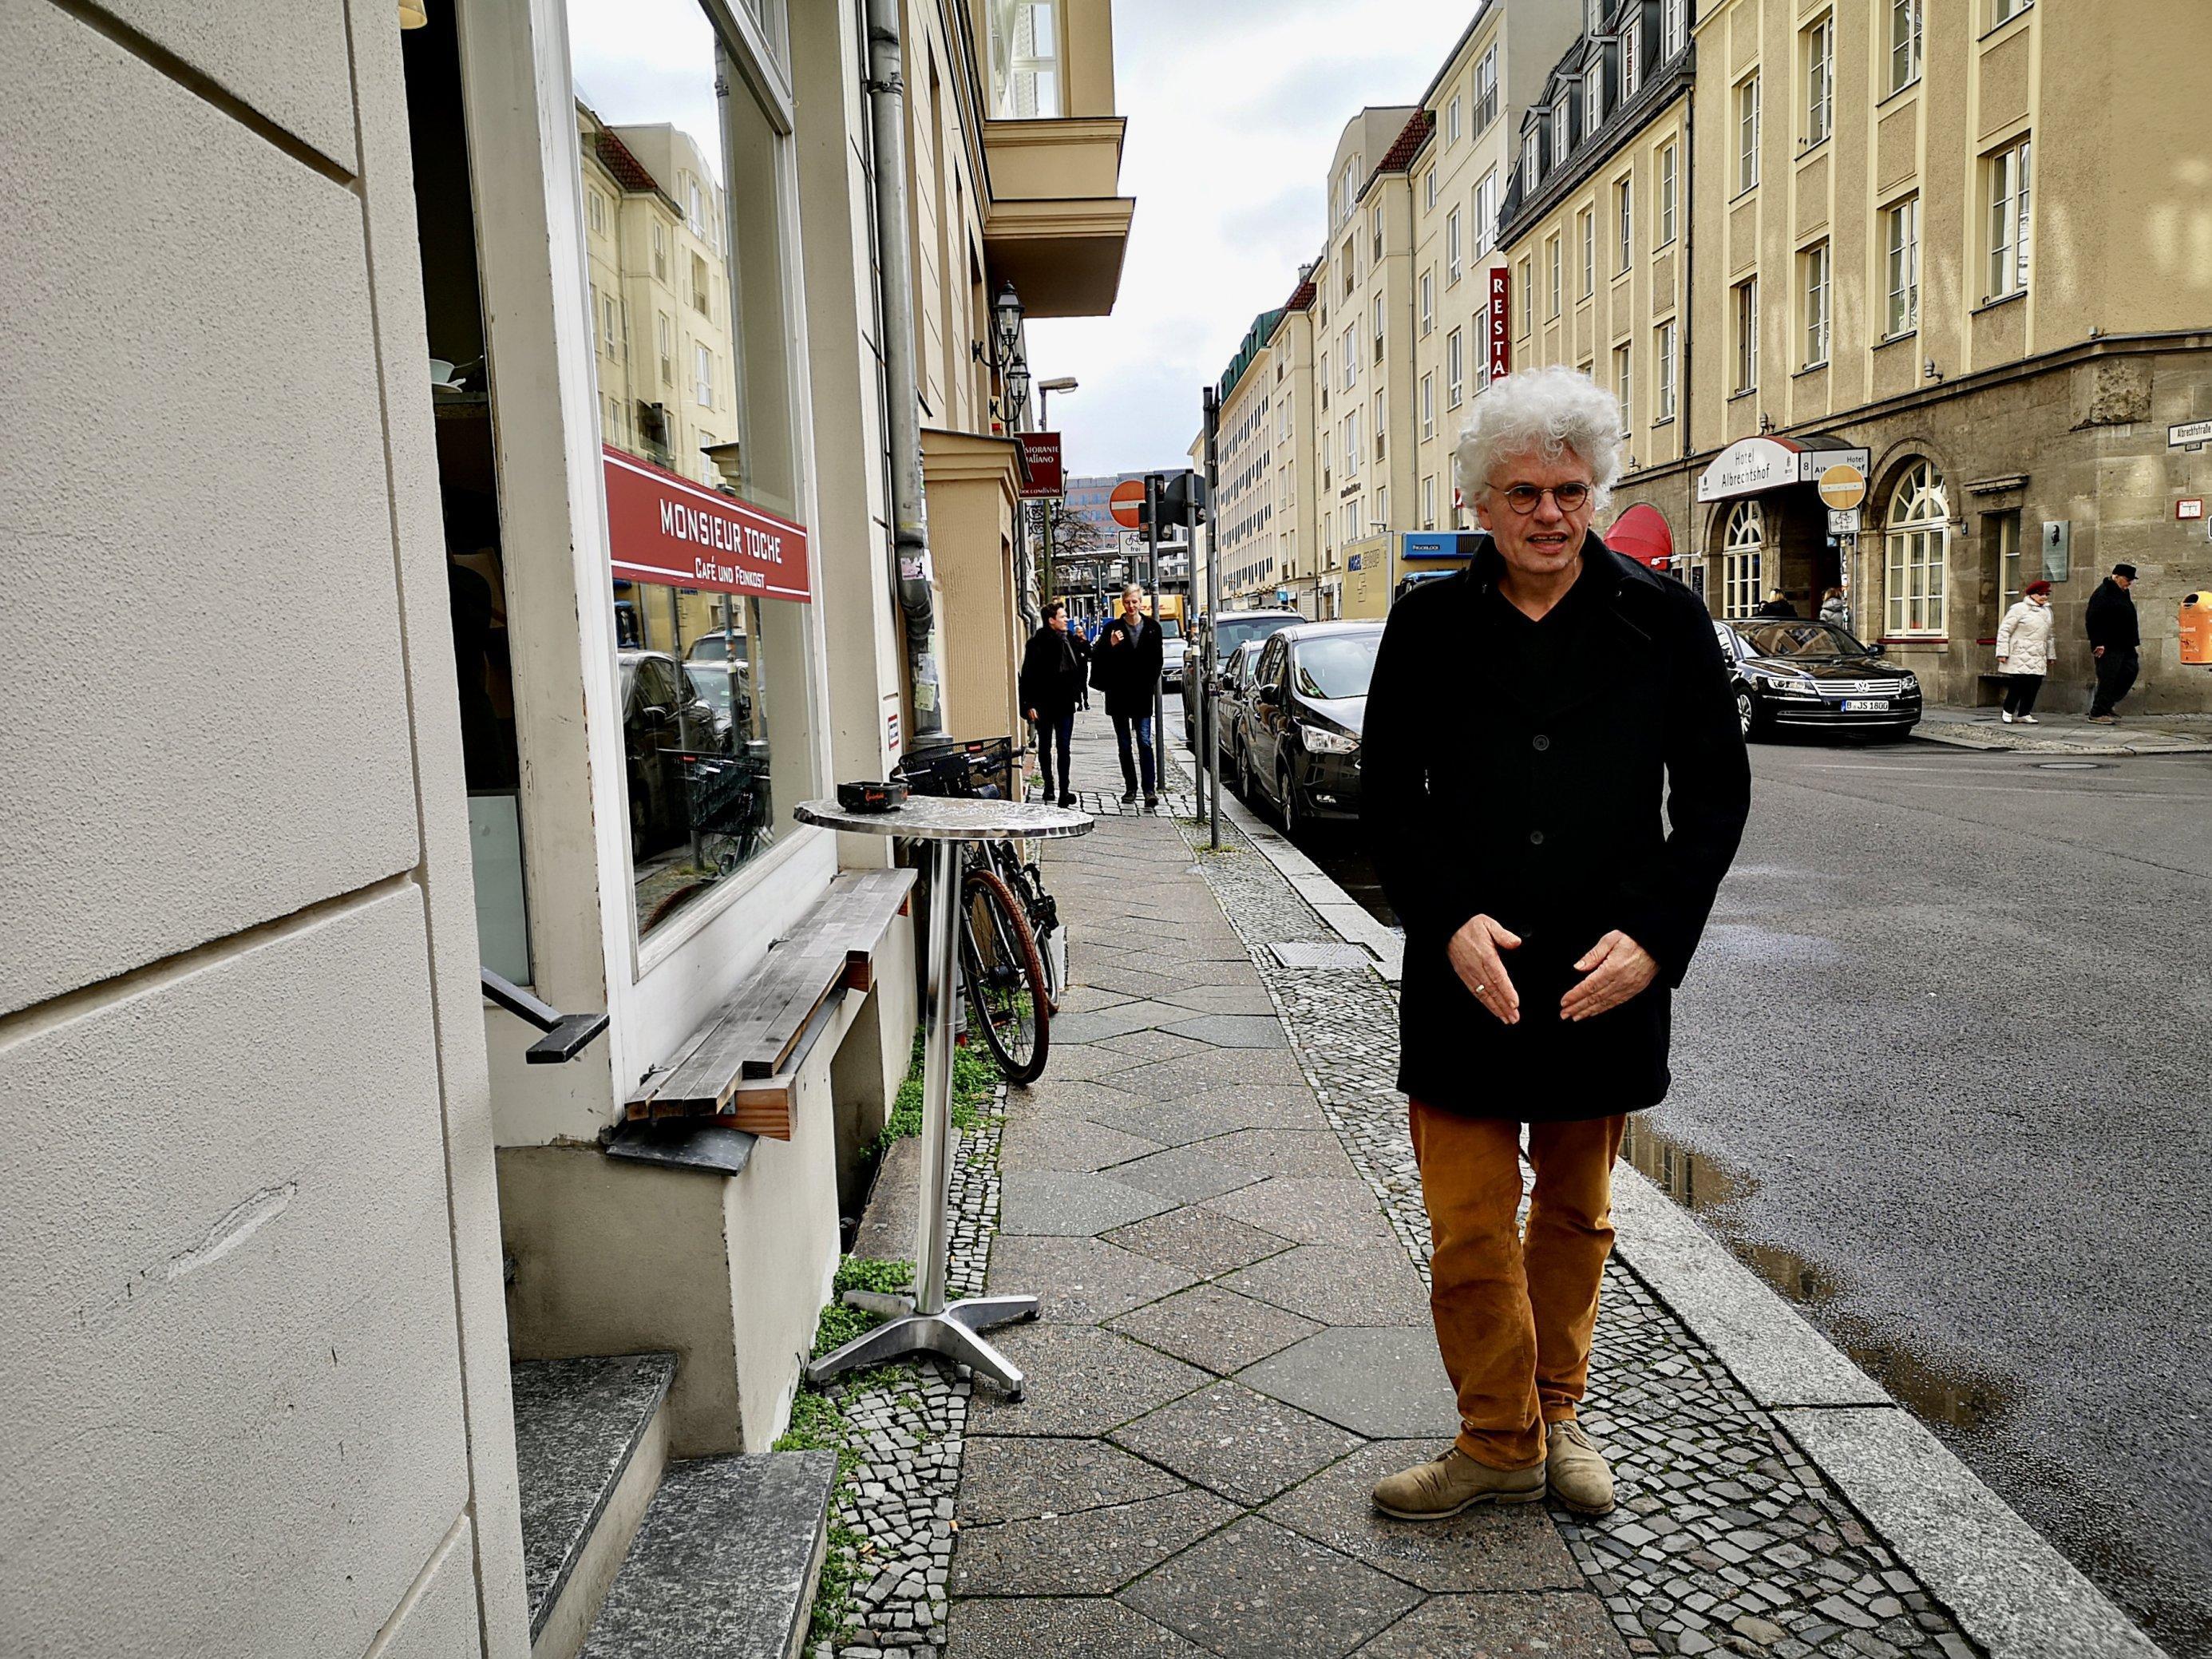 Links vor dem Café steht ein Bistrotisch an der Wand. Roland Stimpel steht am rechten Rand des Gehwegs und blickt in die Kamera